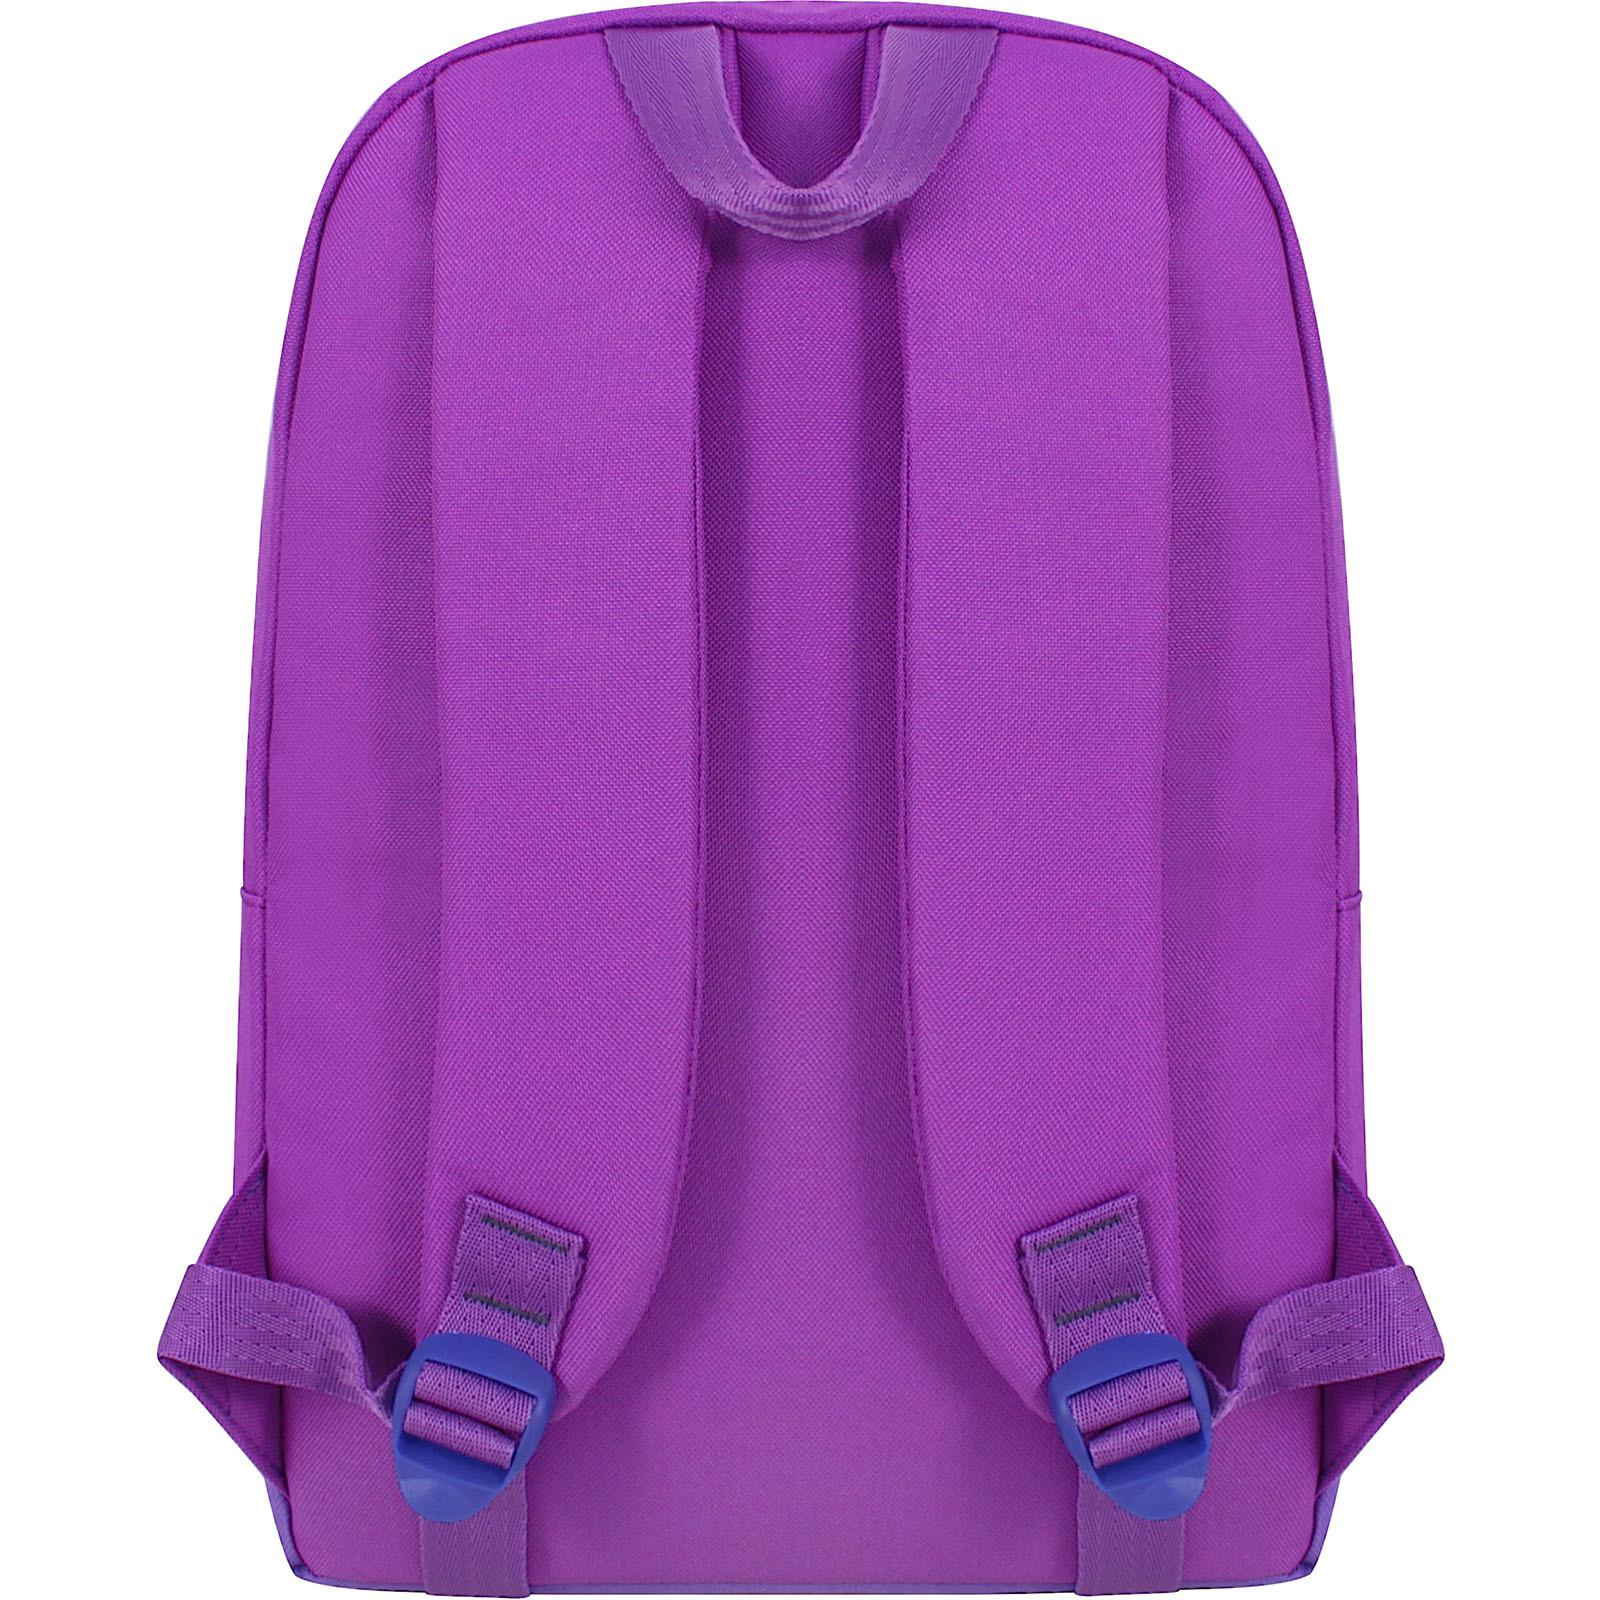 Рюкзак Bagland Amber 15 л. 339 фиолетовый/бузок (0010466) фото 3